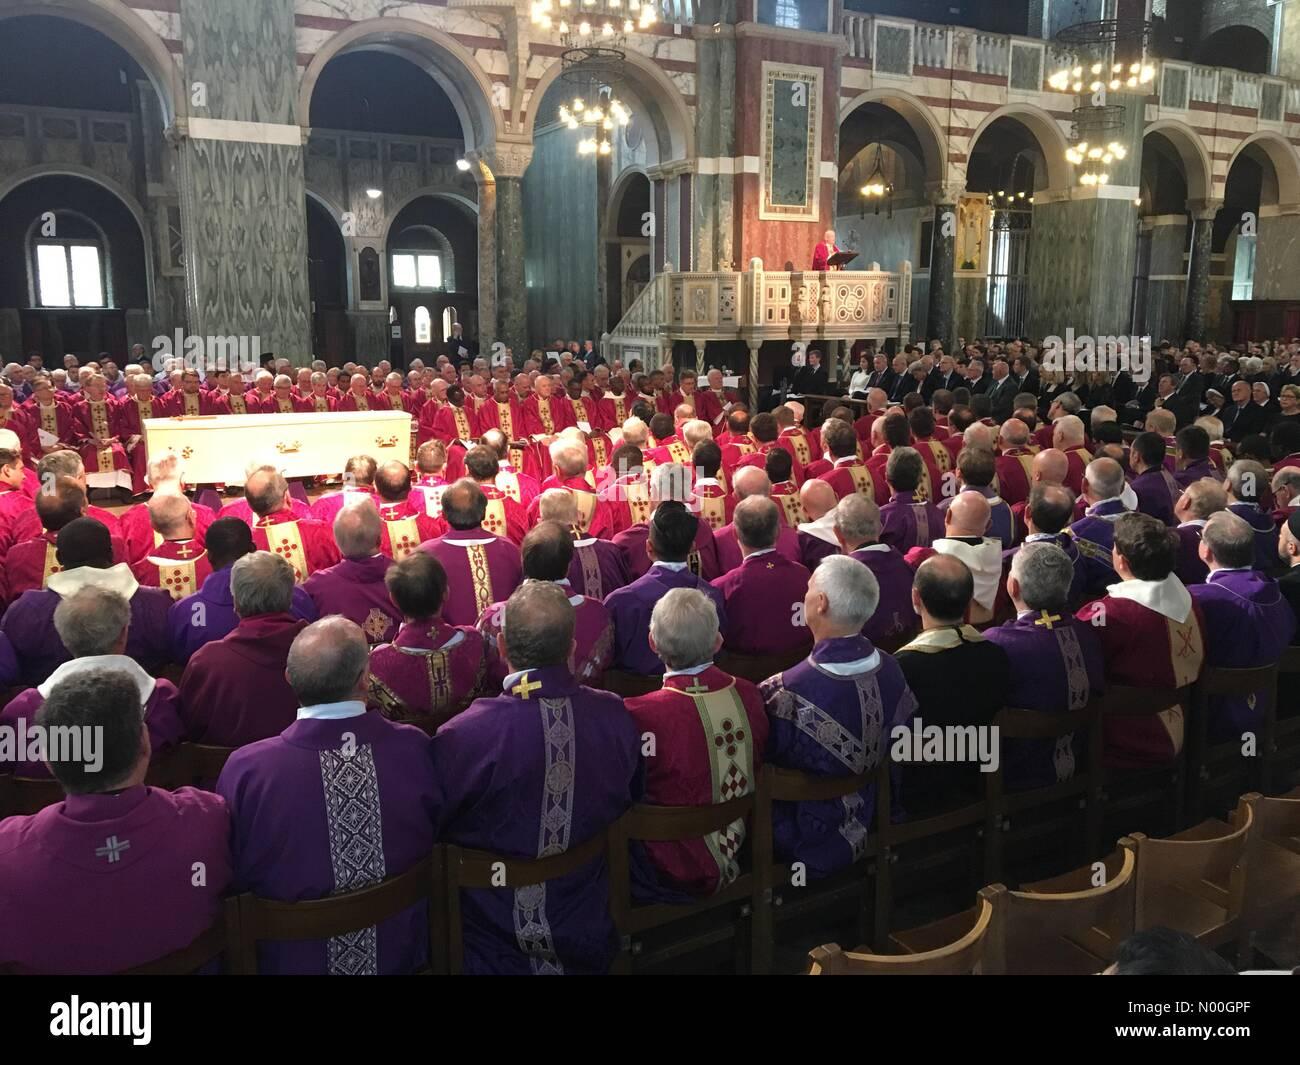 Bressenden pl, Londra, Regno Unito. Xiii Sep, 2017. il cardinale Cormac Murphy O Connor funerale credito: Graham hodson/stockimonews/alamy live news Foto Stock